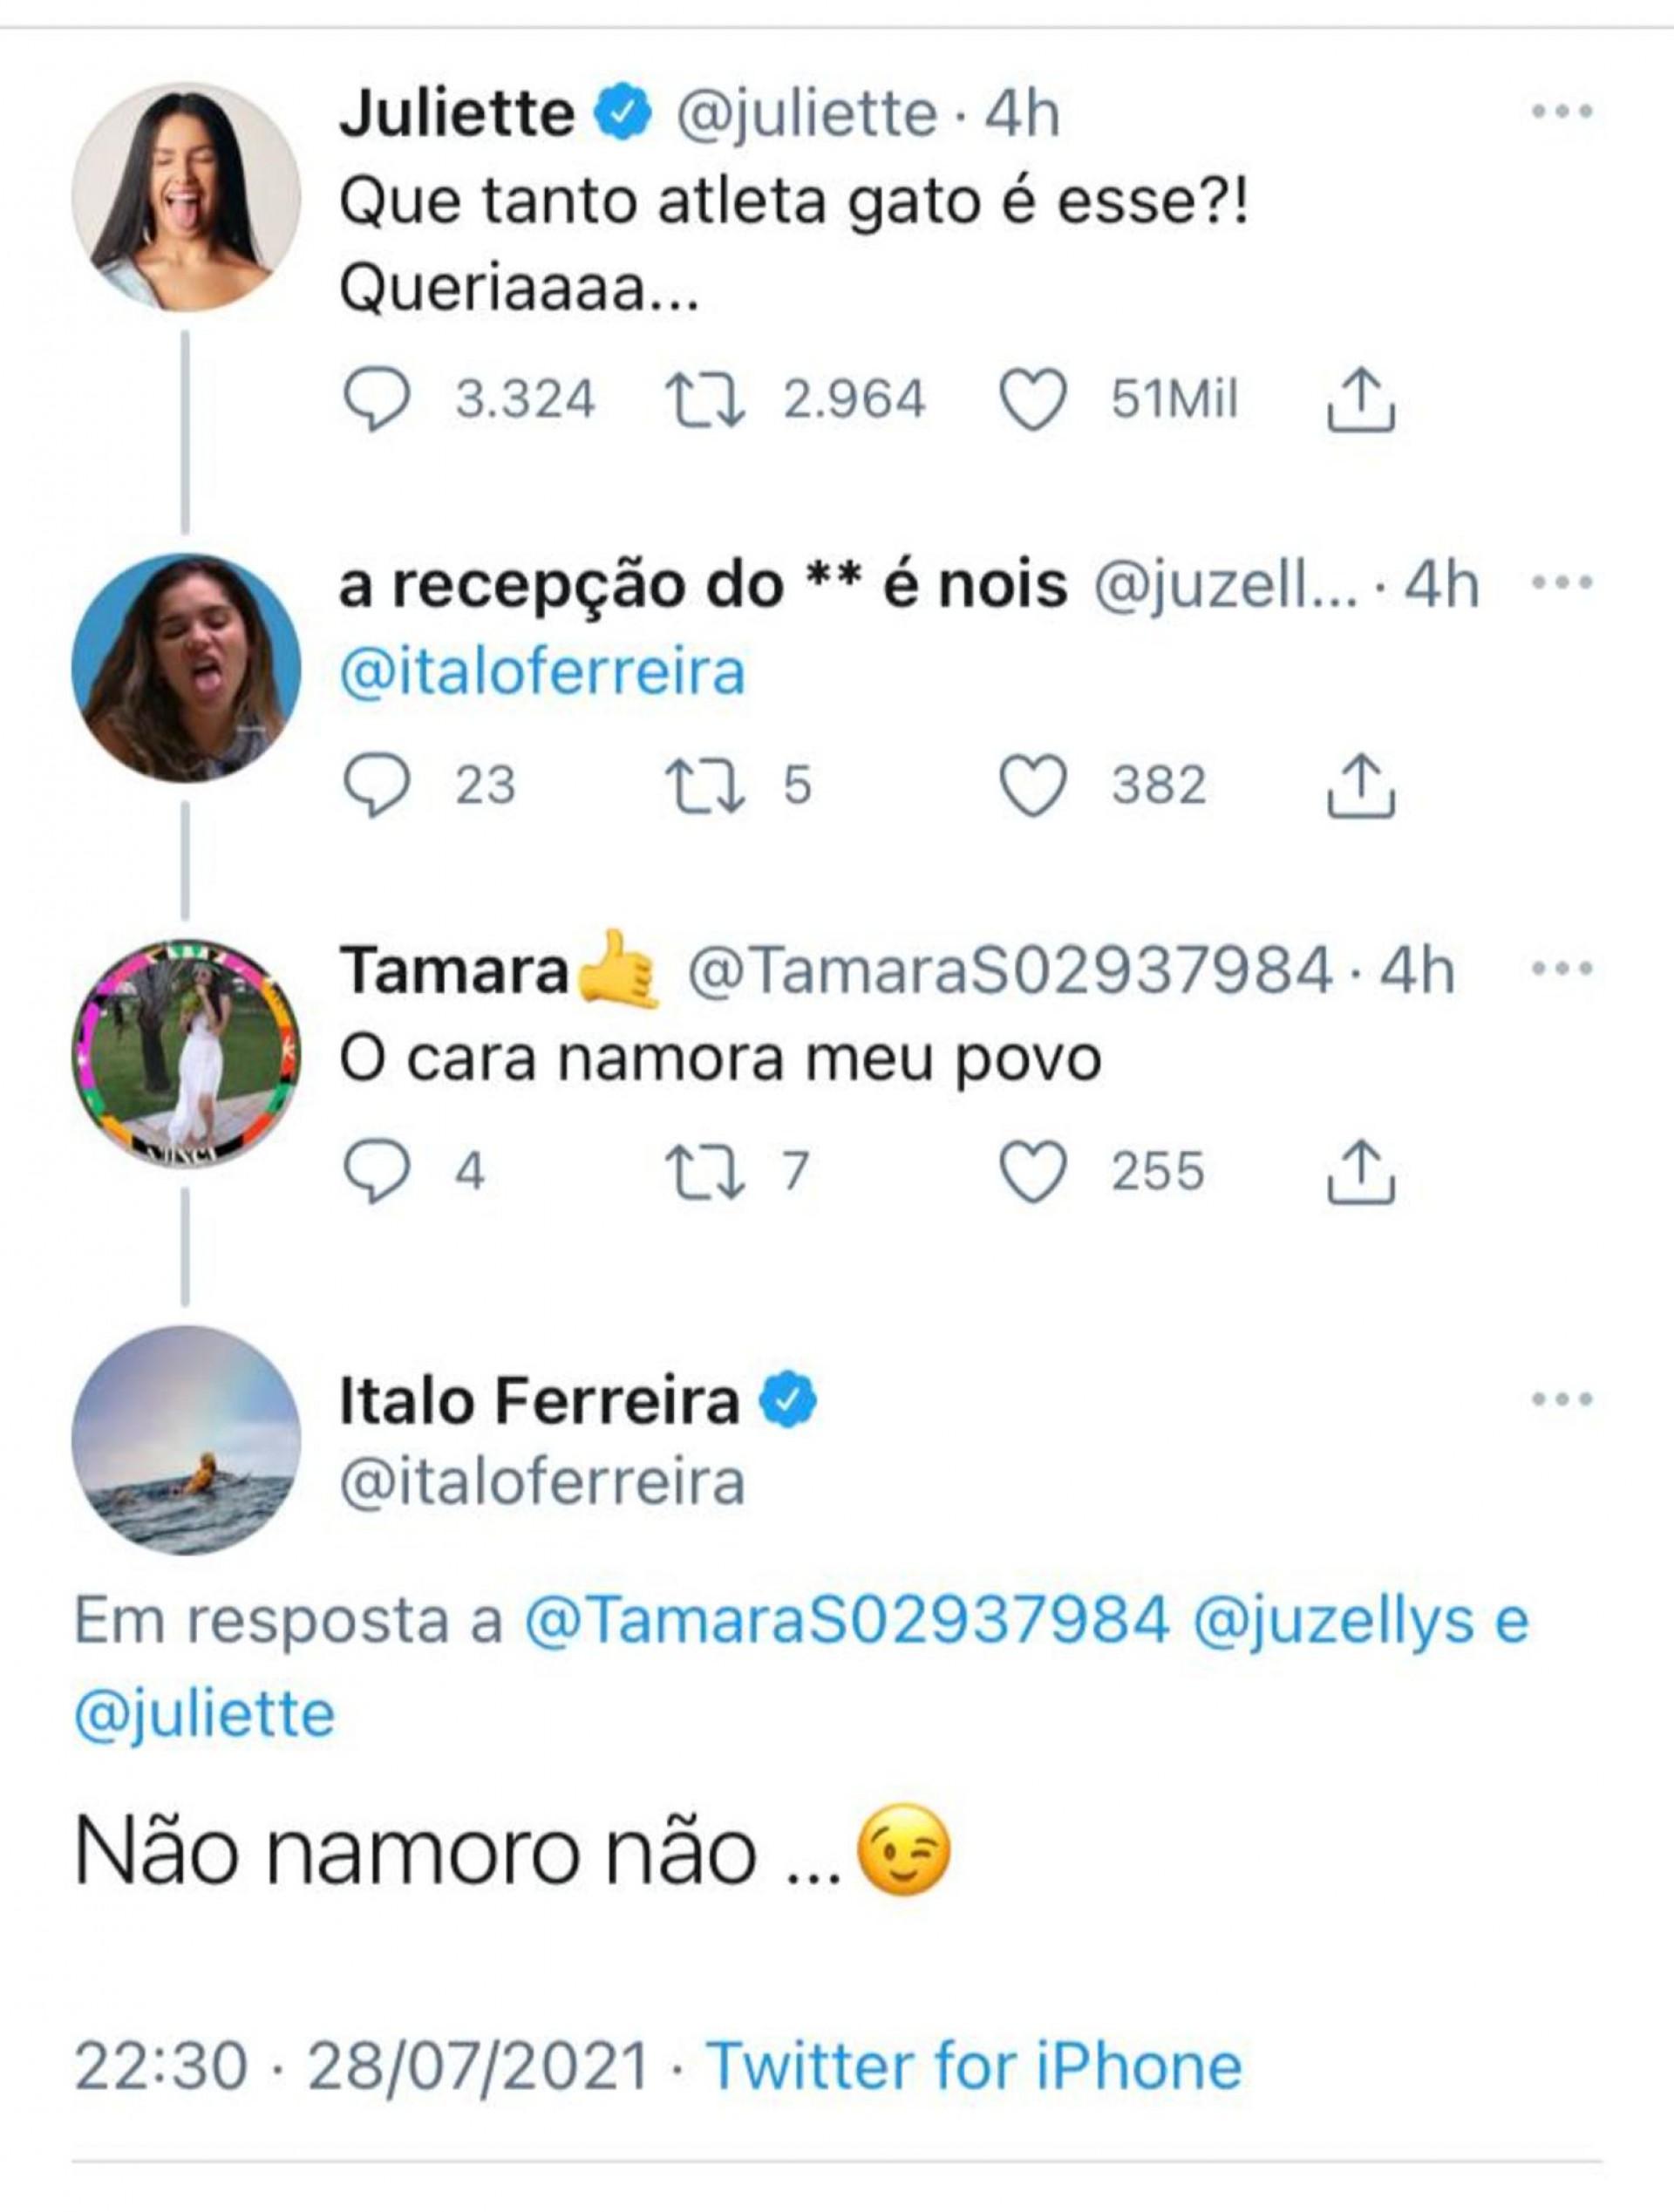 Captura de tela de suposta resposta de Ítalo Ferreira em publicação de Juliette Freire elogiando a beleza de atletas de Tóquio 2020